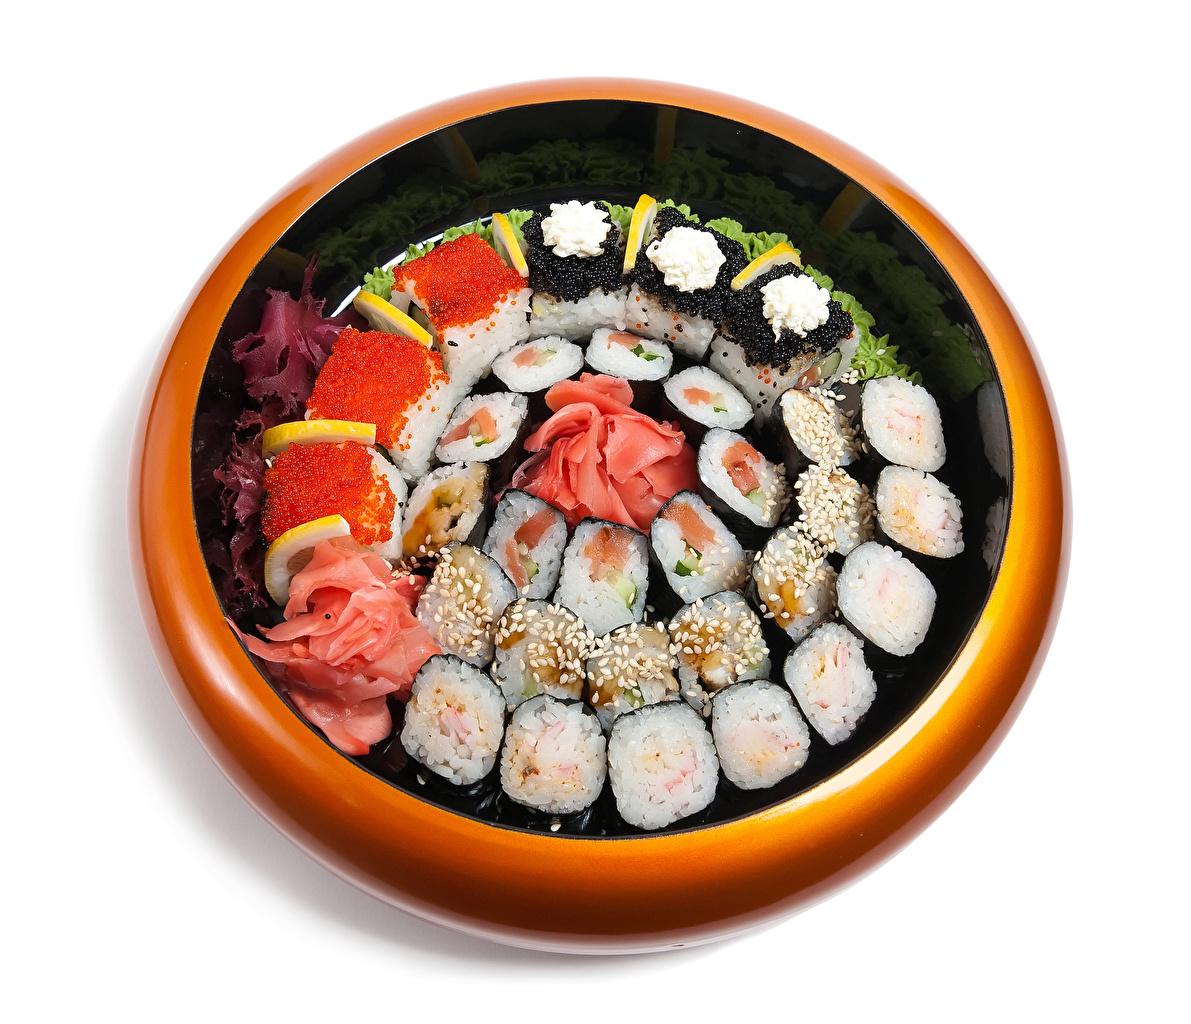 Фото Икра суси Пища Белый фон Морепродукты Суши Еда Продукты питания белом фоне белым фоном